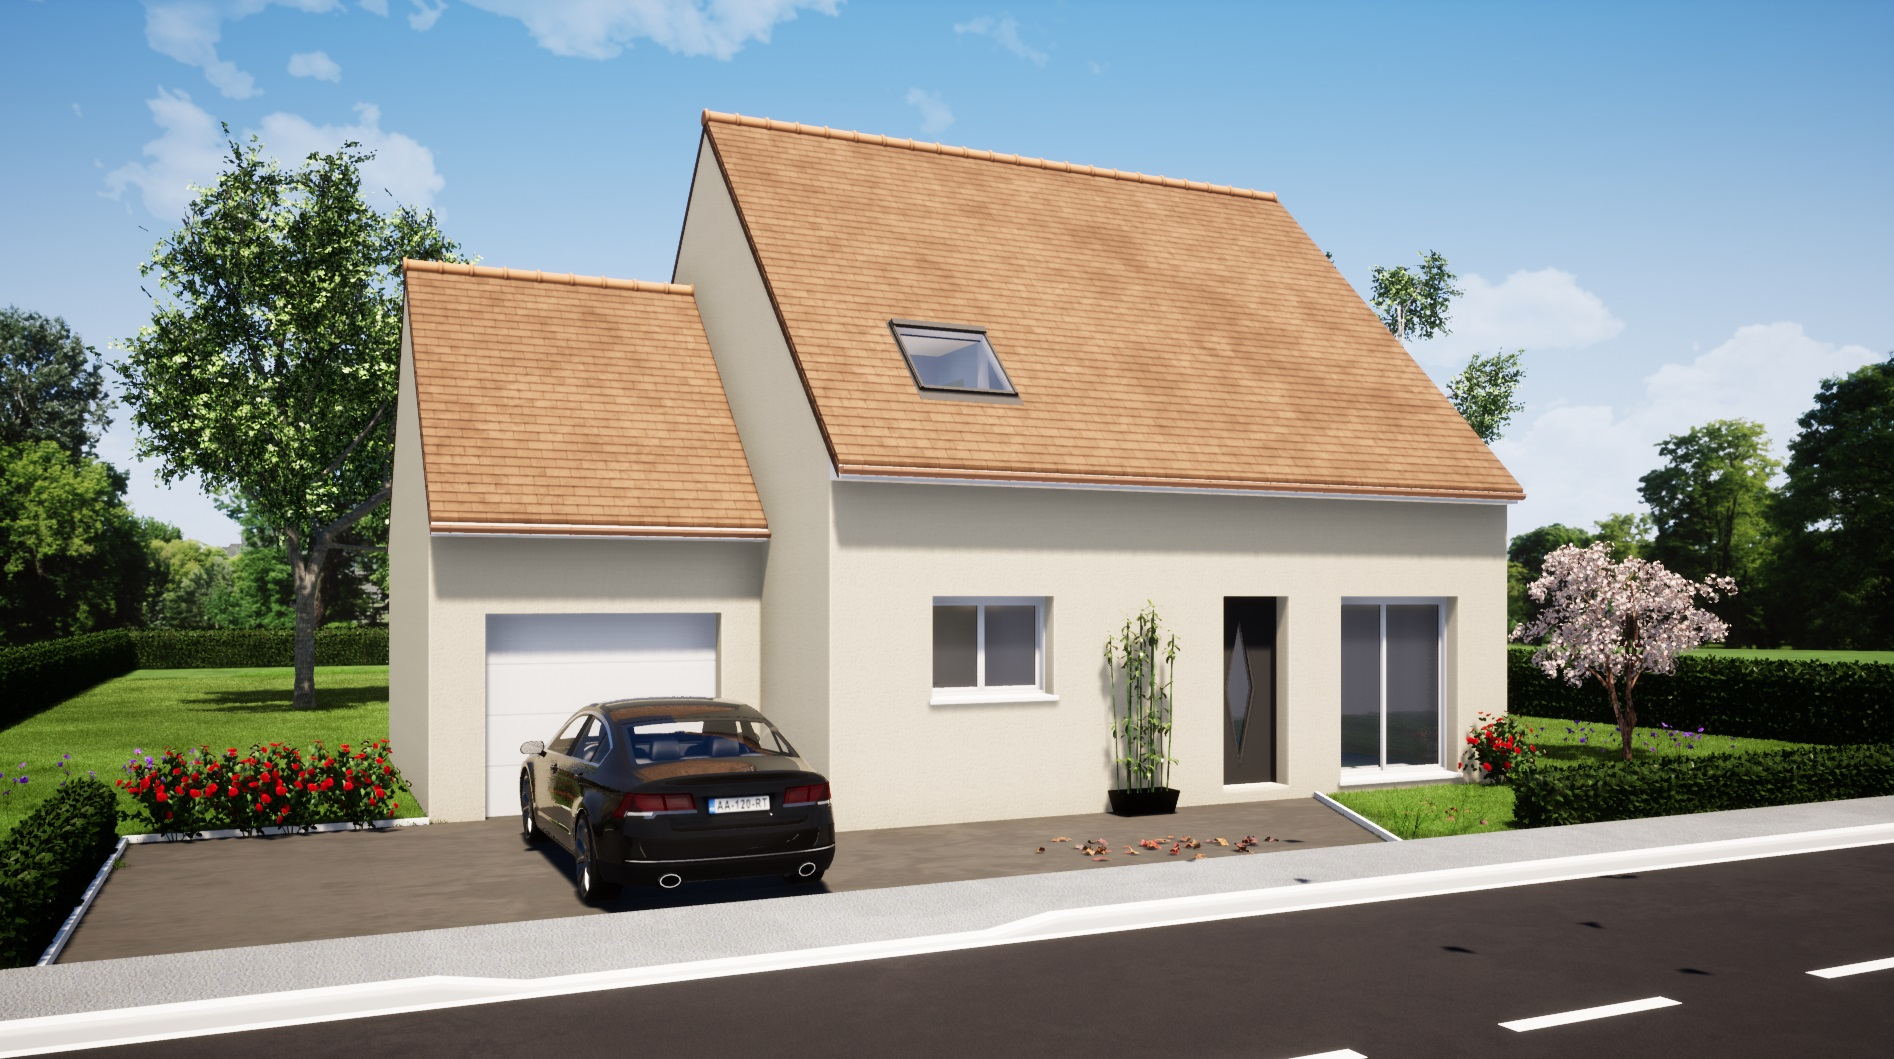 Modèle guécélard 72230 avant maison 4 chambres constructeur maison le mans constructeur maison en sarthe maisons LG